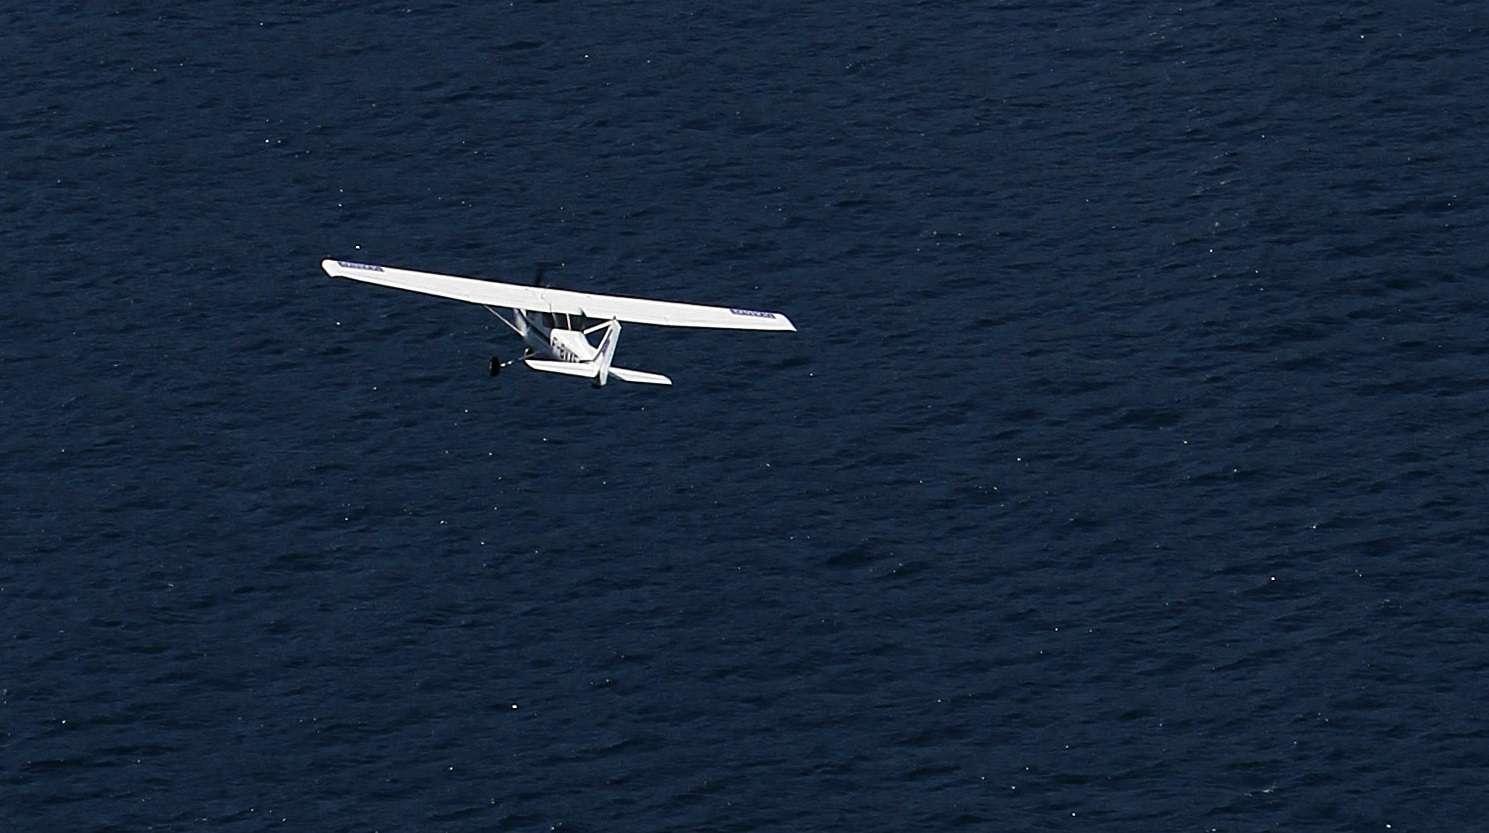 تحطم طائرة تقل إسرائيليين اثنين في اليونان, صحيفة عربية -بروفايل نيوز